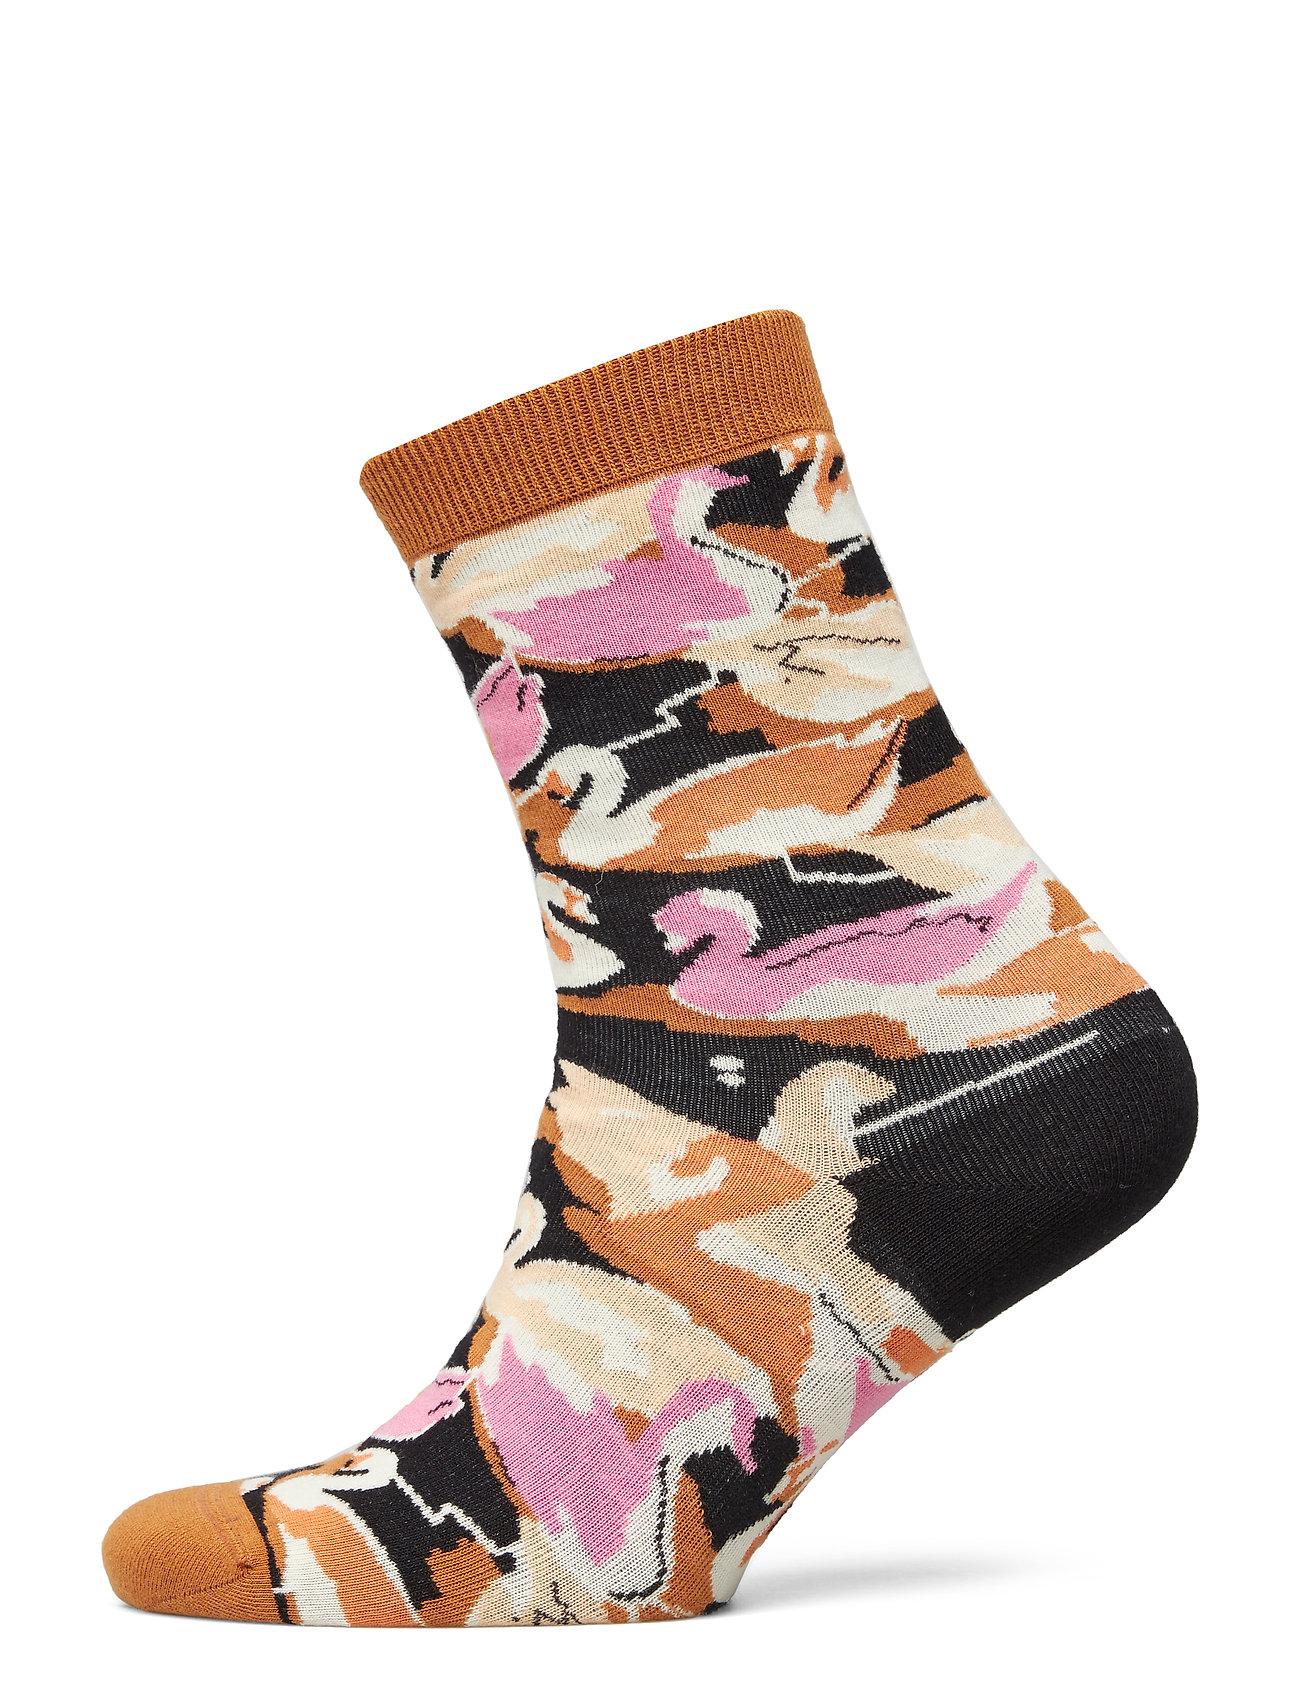 STINE GOYA Iggy, 640 Socks - SWANS BLACK